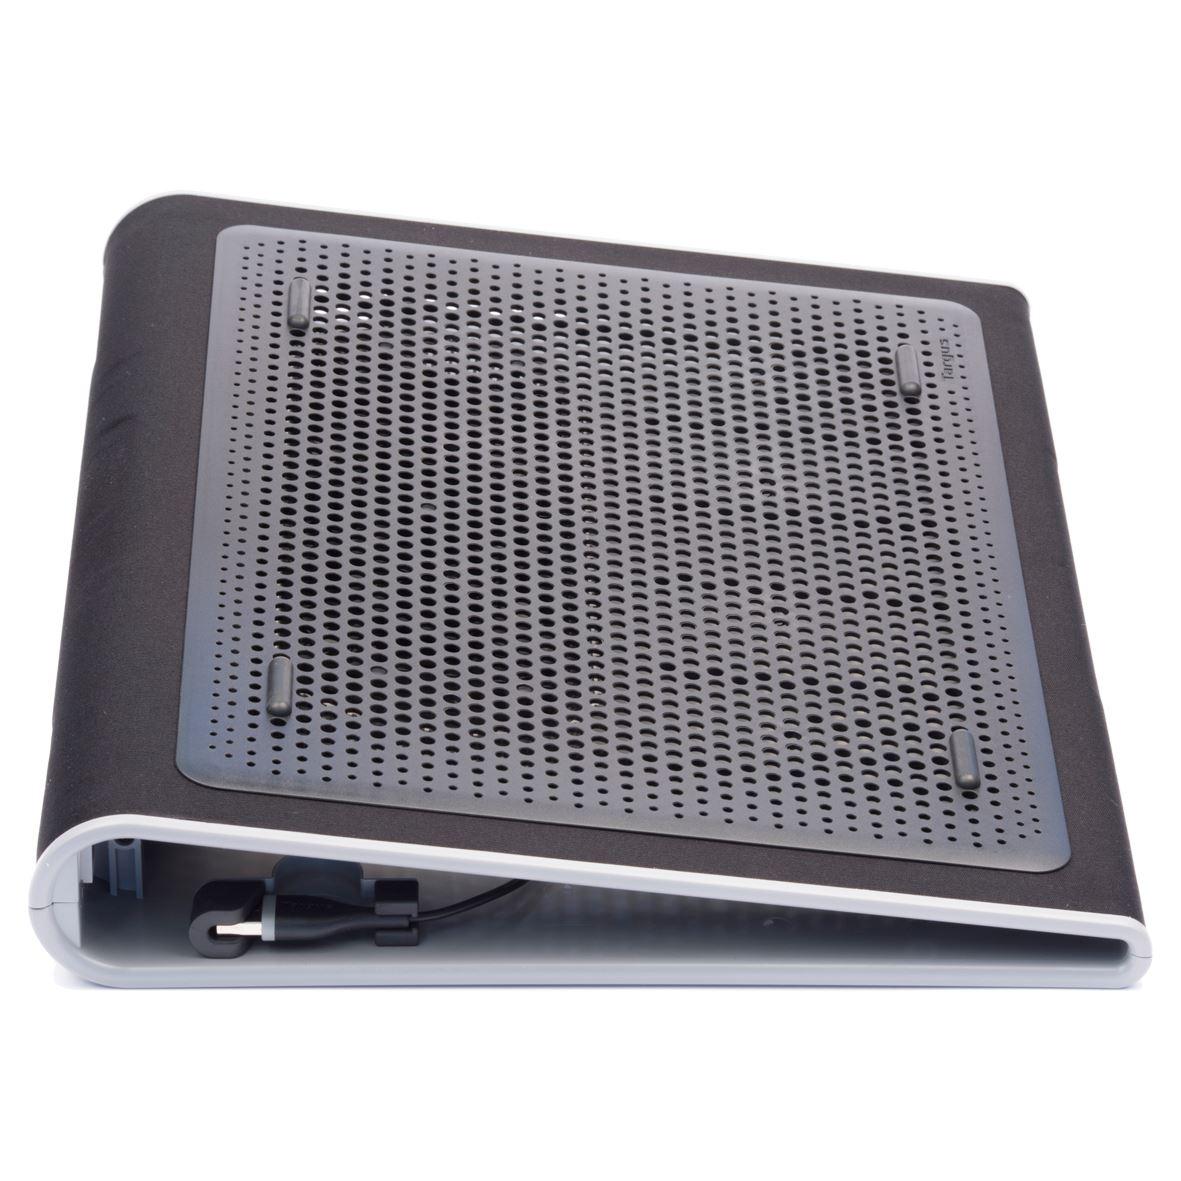 support ventilé targus pour ordinateur portable